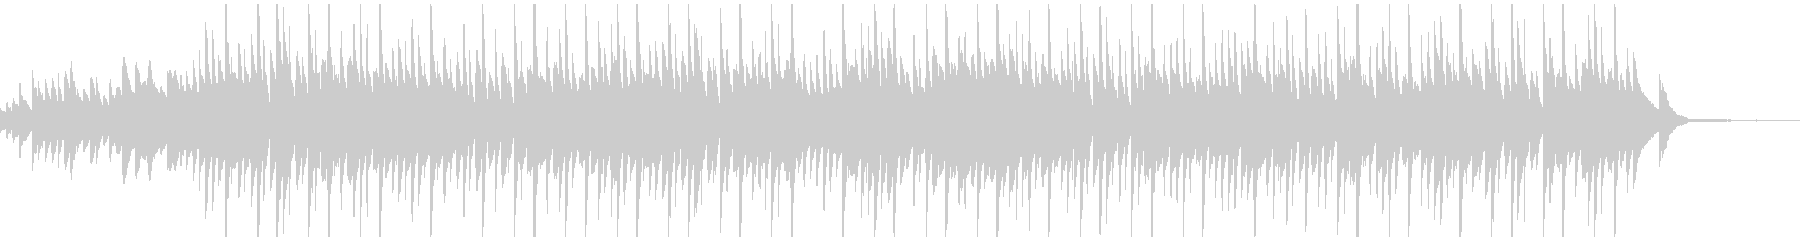 切ないピアノエレクトロニカです。の未再生の波形